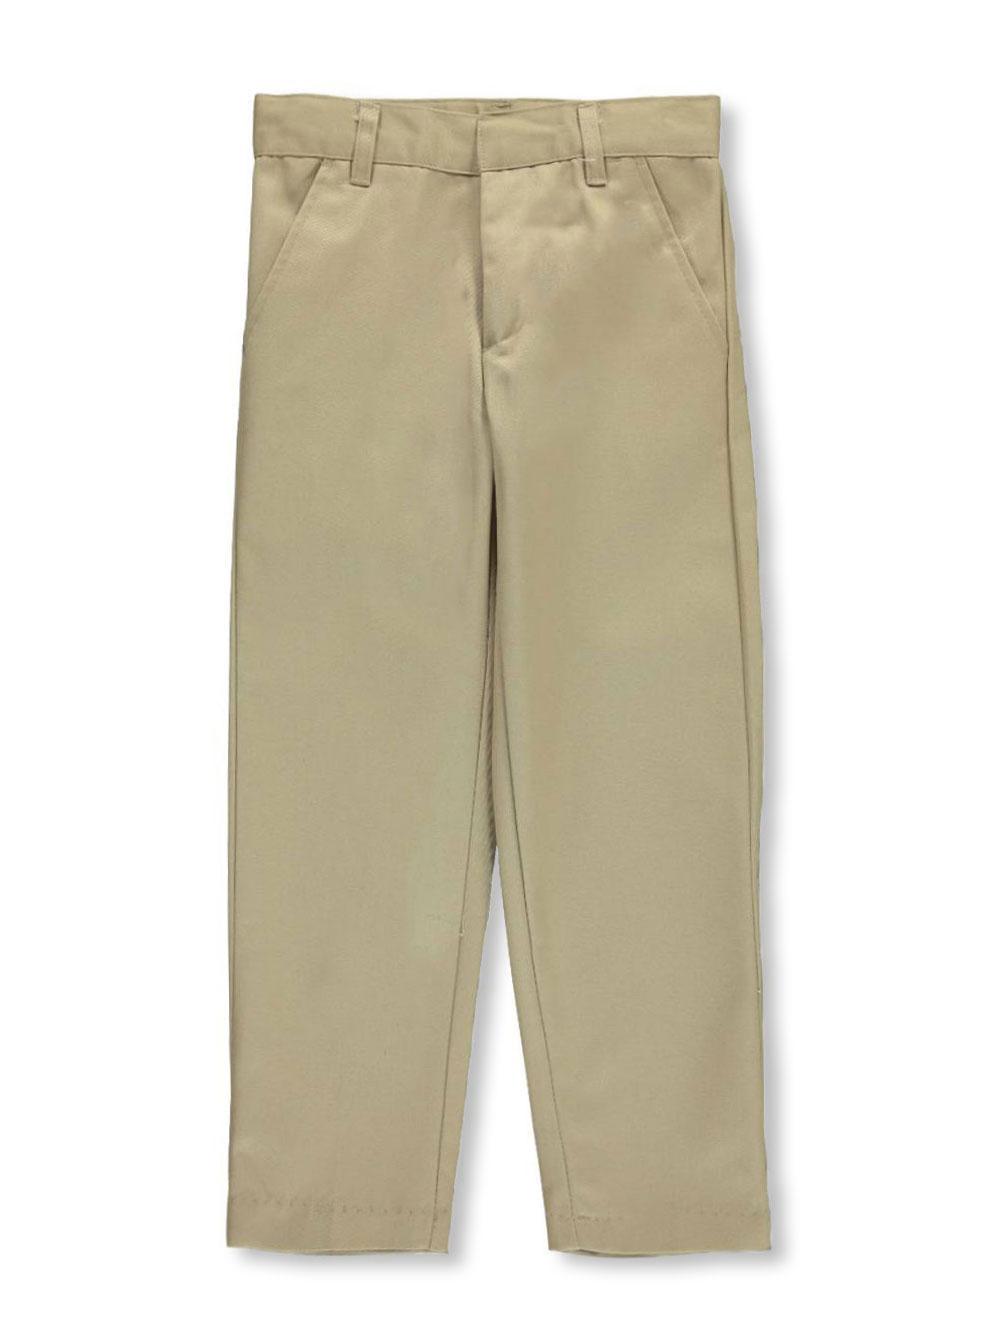 Galaxy Little Boys' School Uniform Slim Pants (Sizes 4 - 7) - khaki, 5